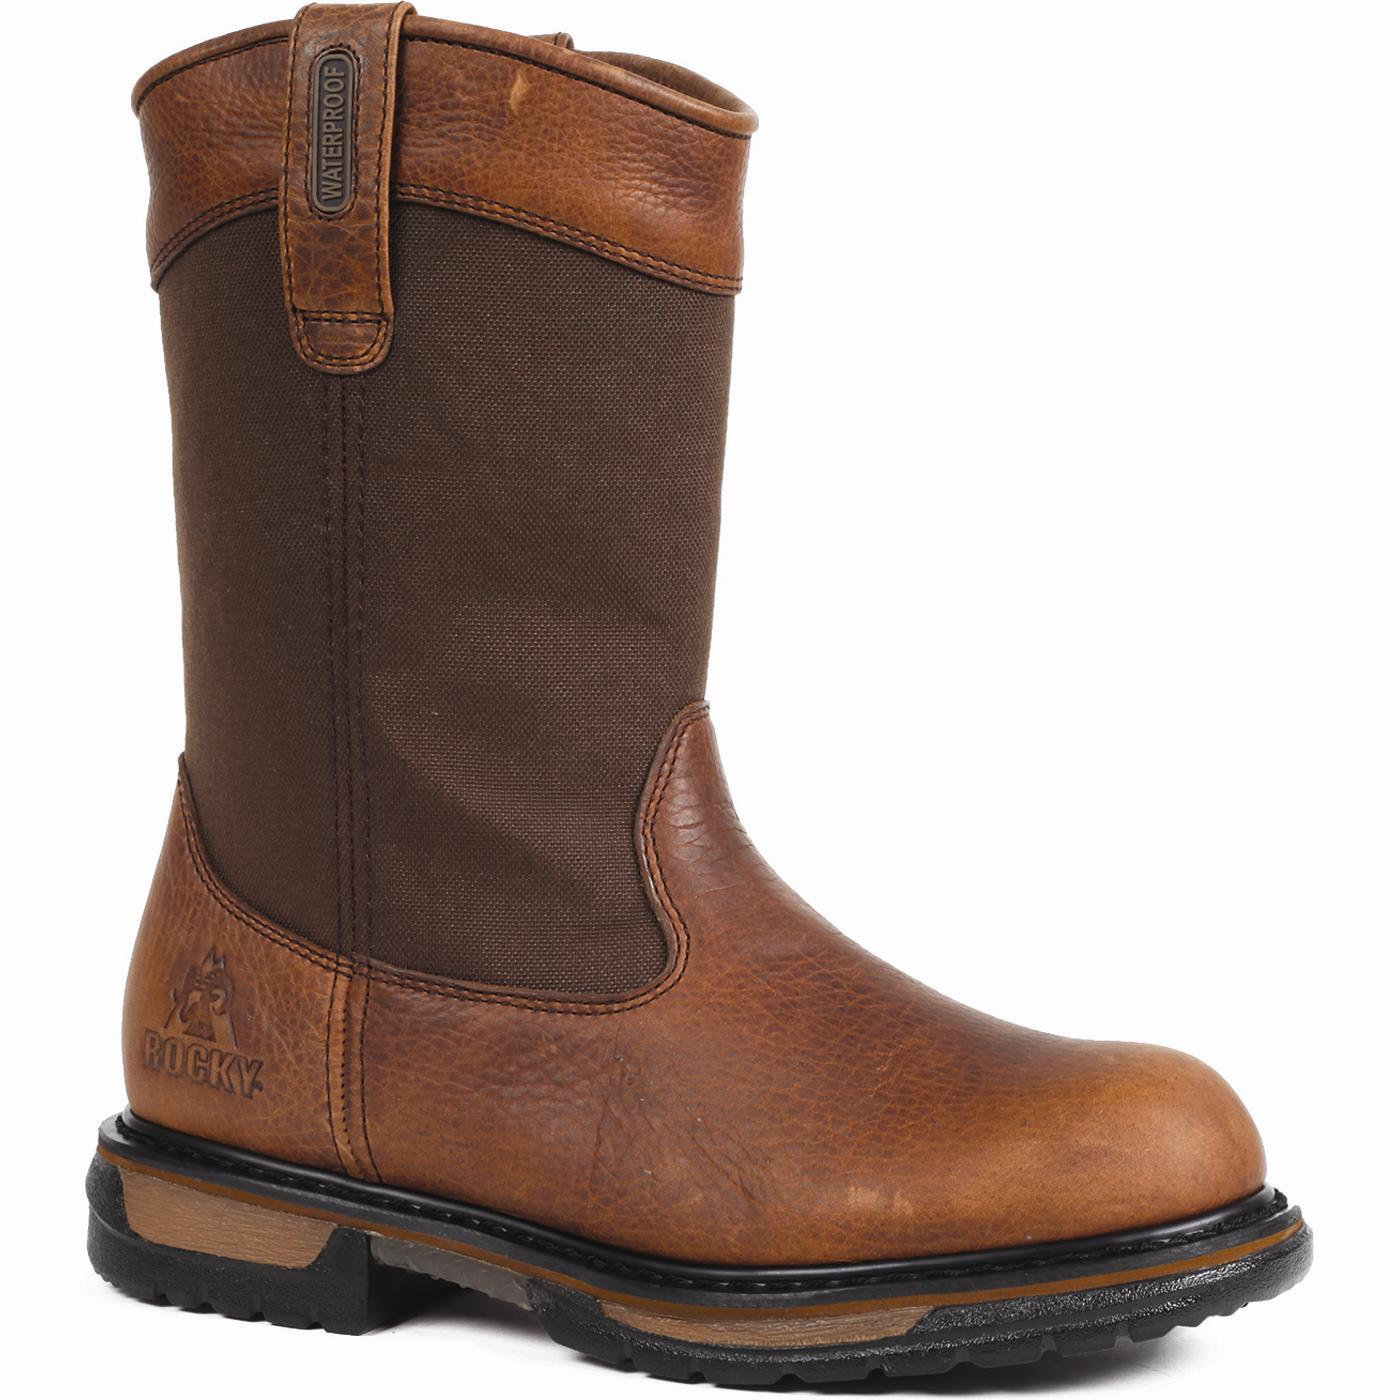 steel toe snake boots